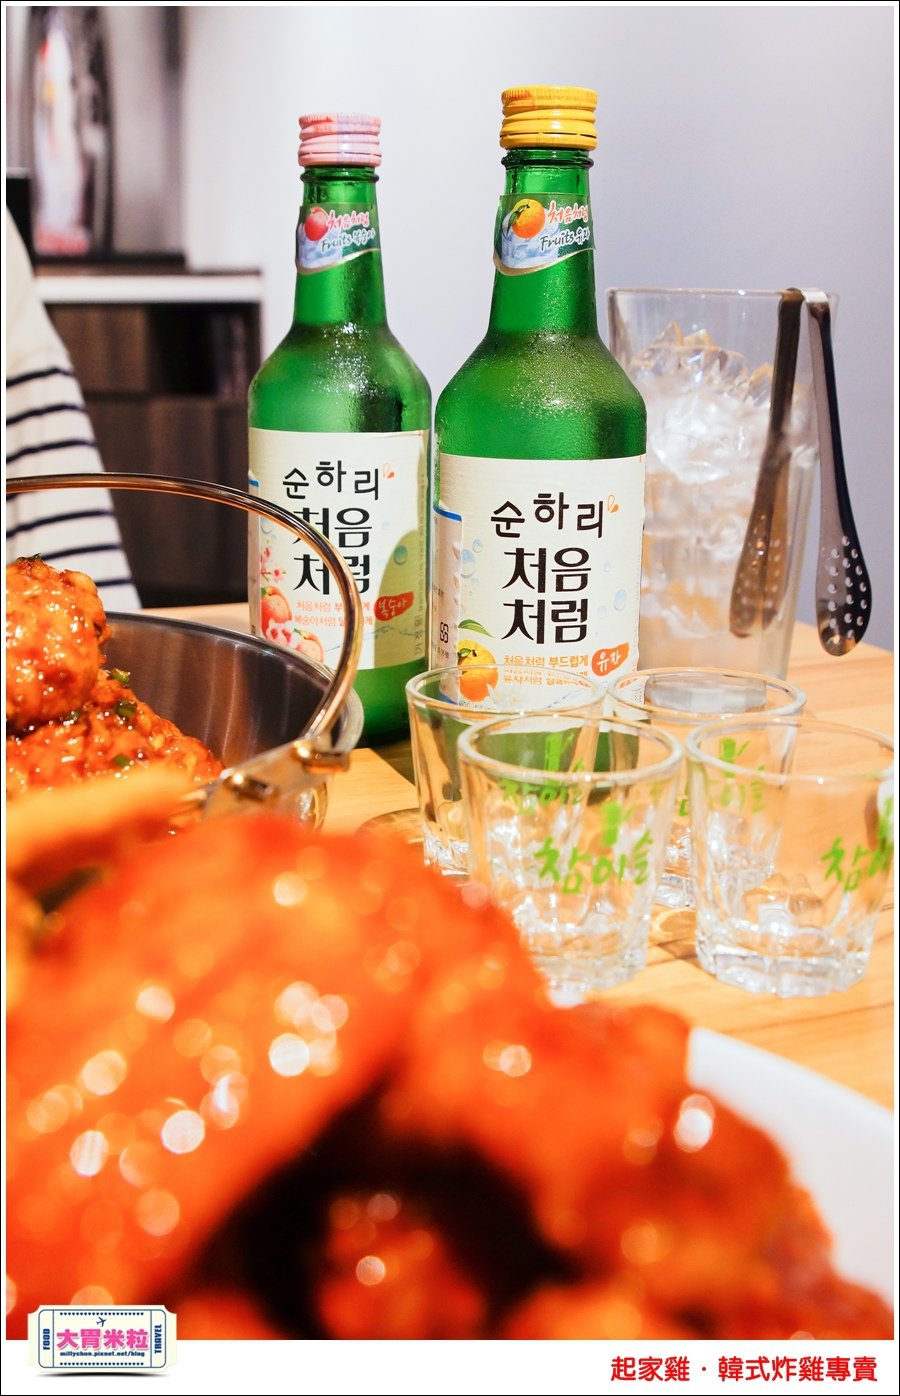 台北韓式炸雞推薦@起家雞Cheogajip哇樂炸雞@大胃米粒0047.jpg